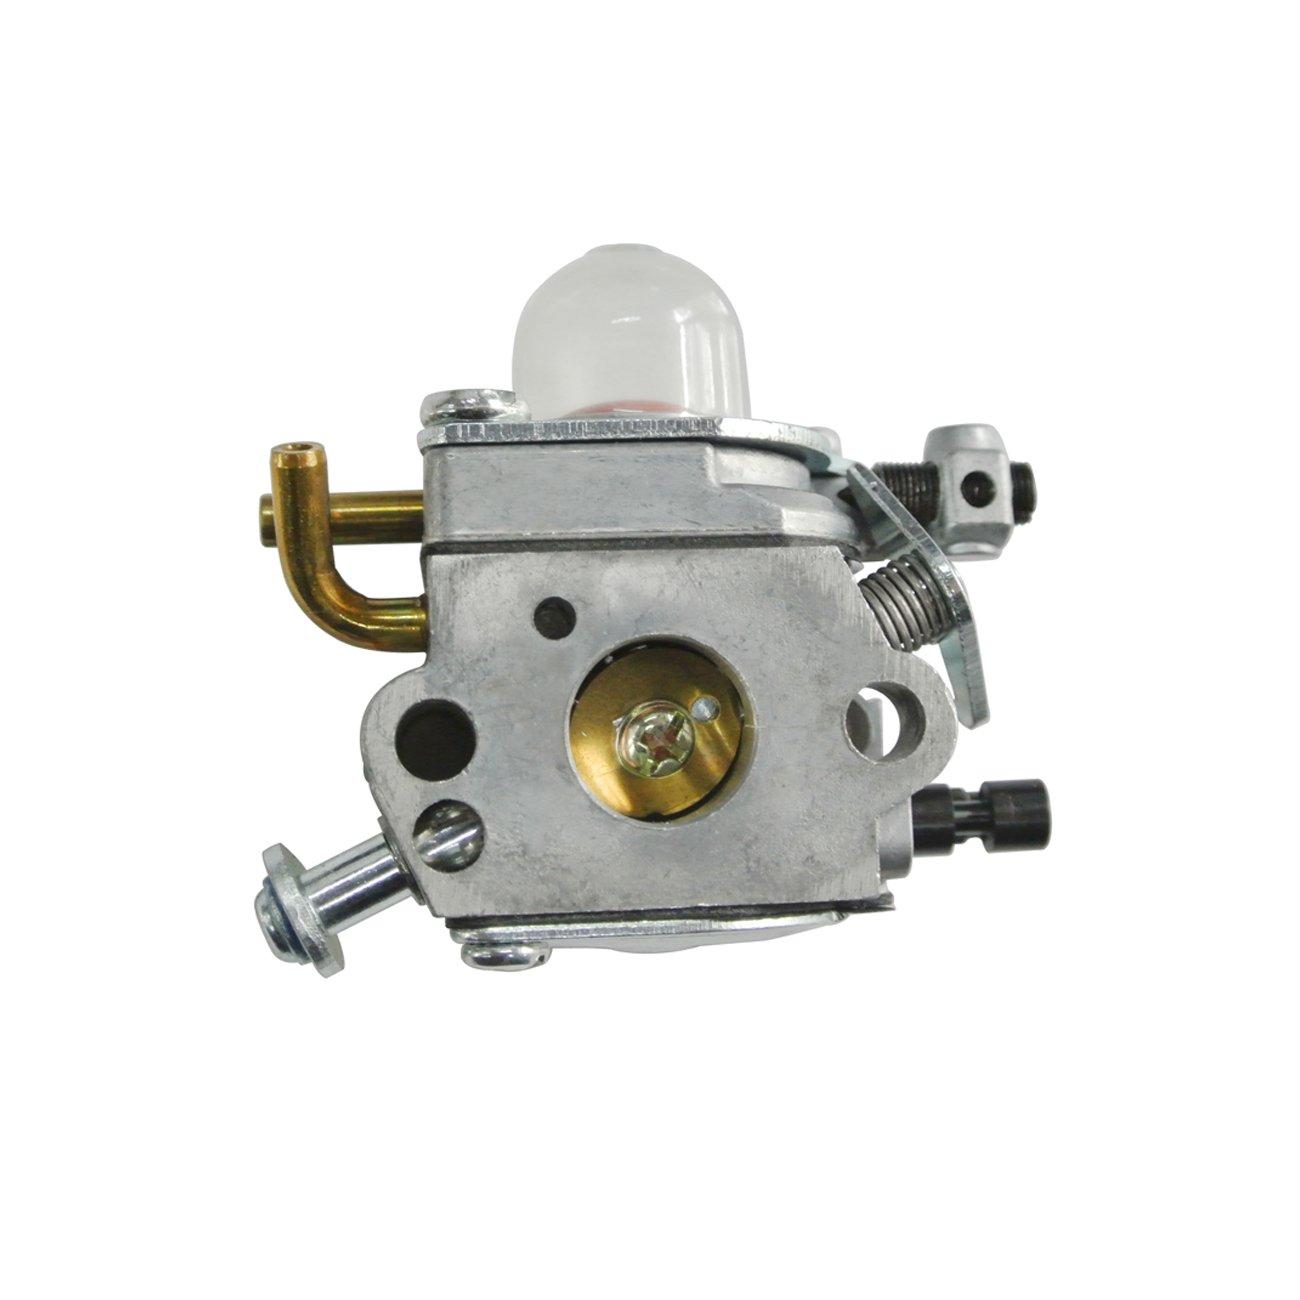 JRL C1U-K78 Carburateur pour Souffleur ECHO PB200 PB201 ES210 ES211 # A021000940 A021000941